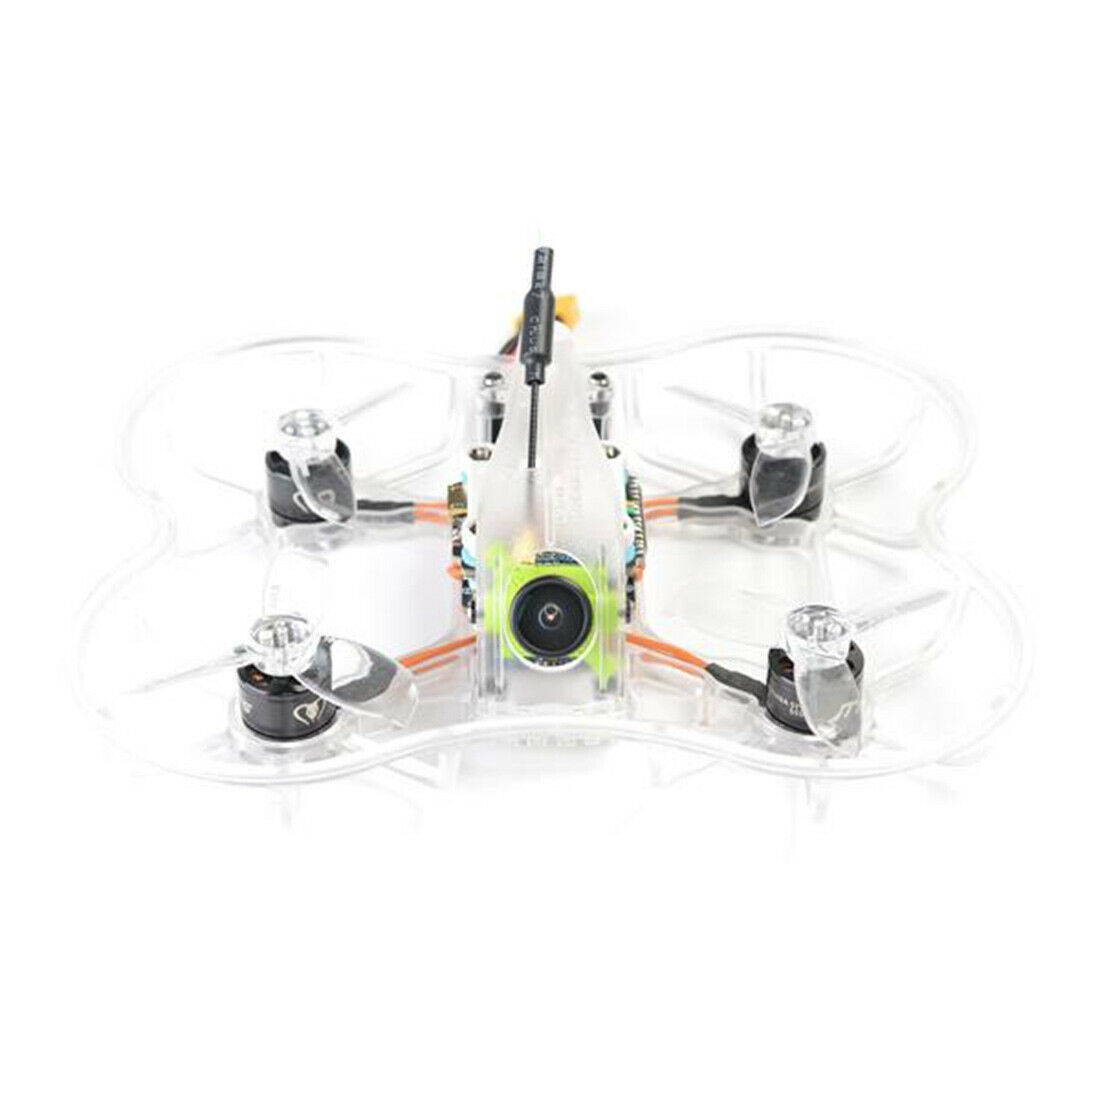 DIATONE GTR239 90mm 3S 2 Pulgadas Interior Vista en primera persona Racing Drone Cuadricóptero